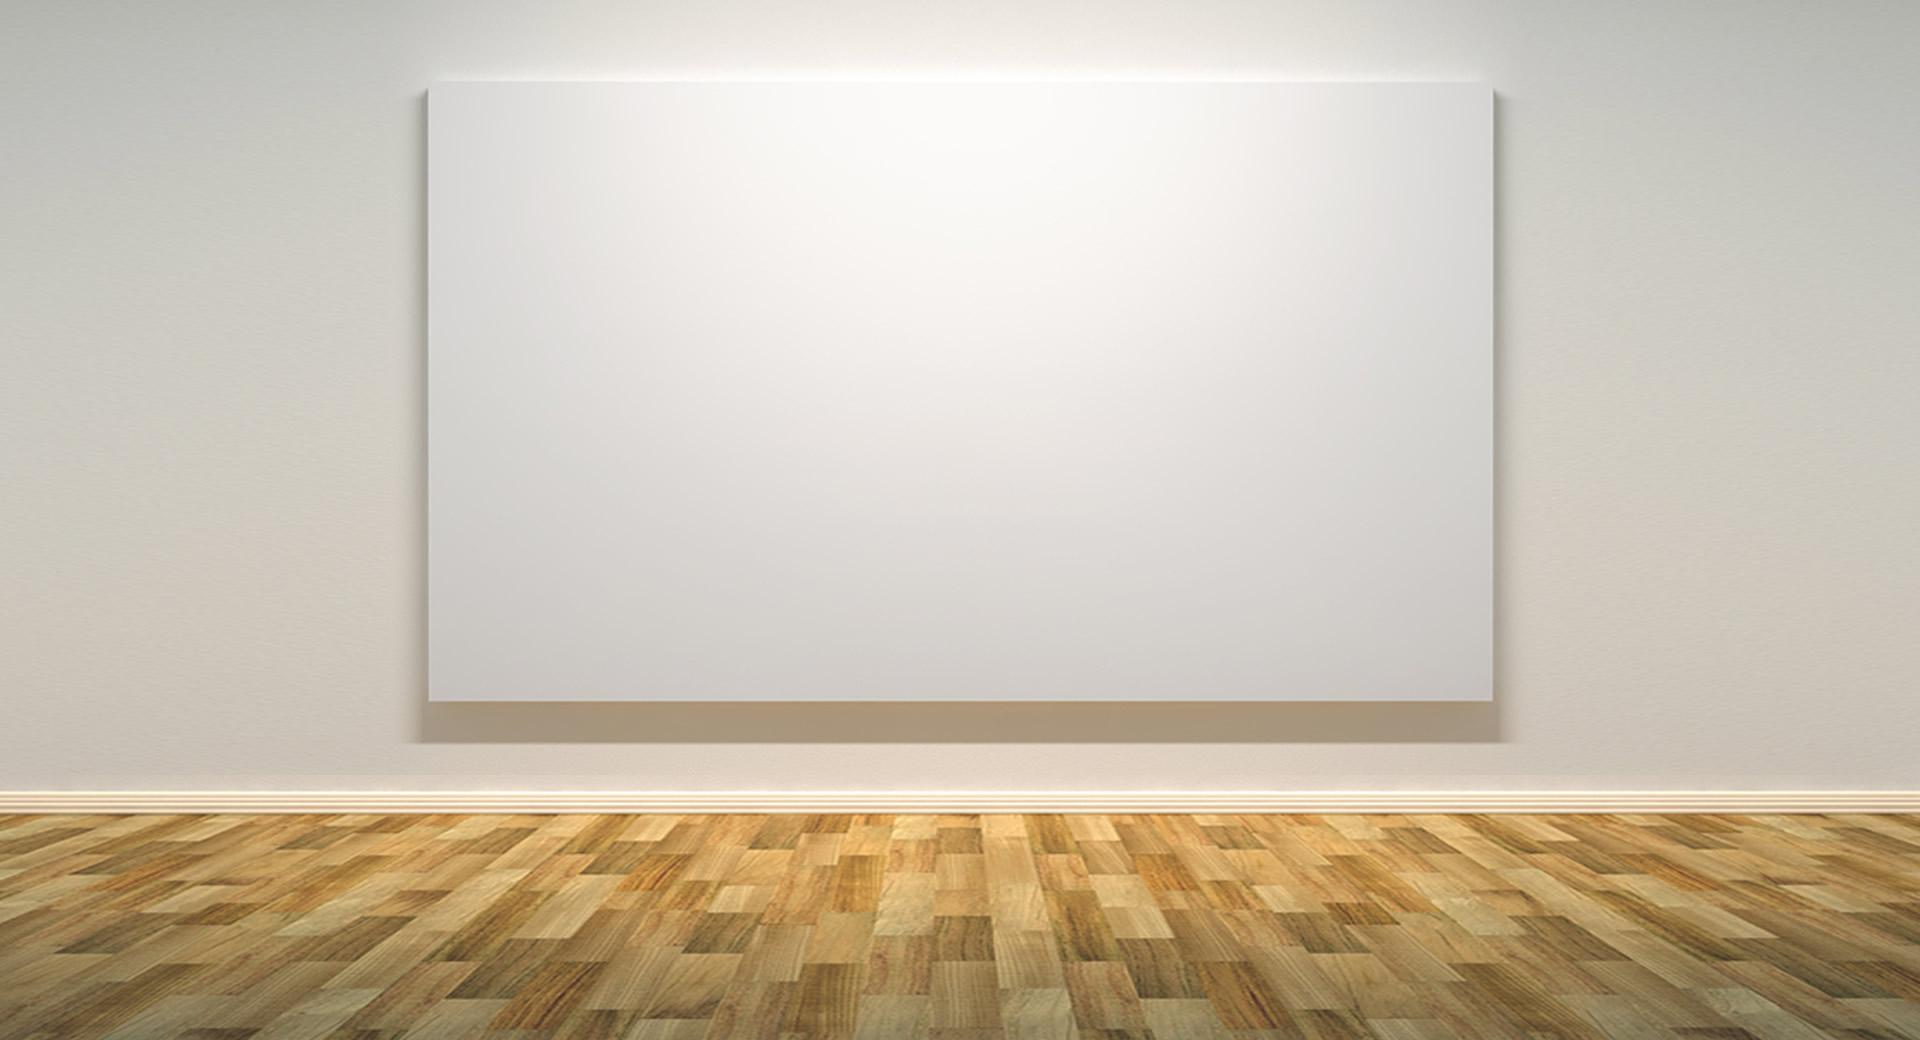 Una tela di un solo colore è un'opera d'arte?